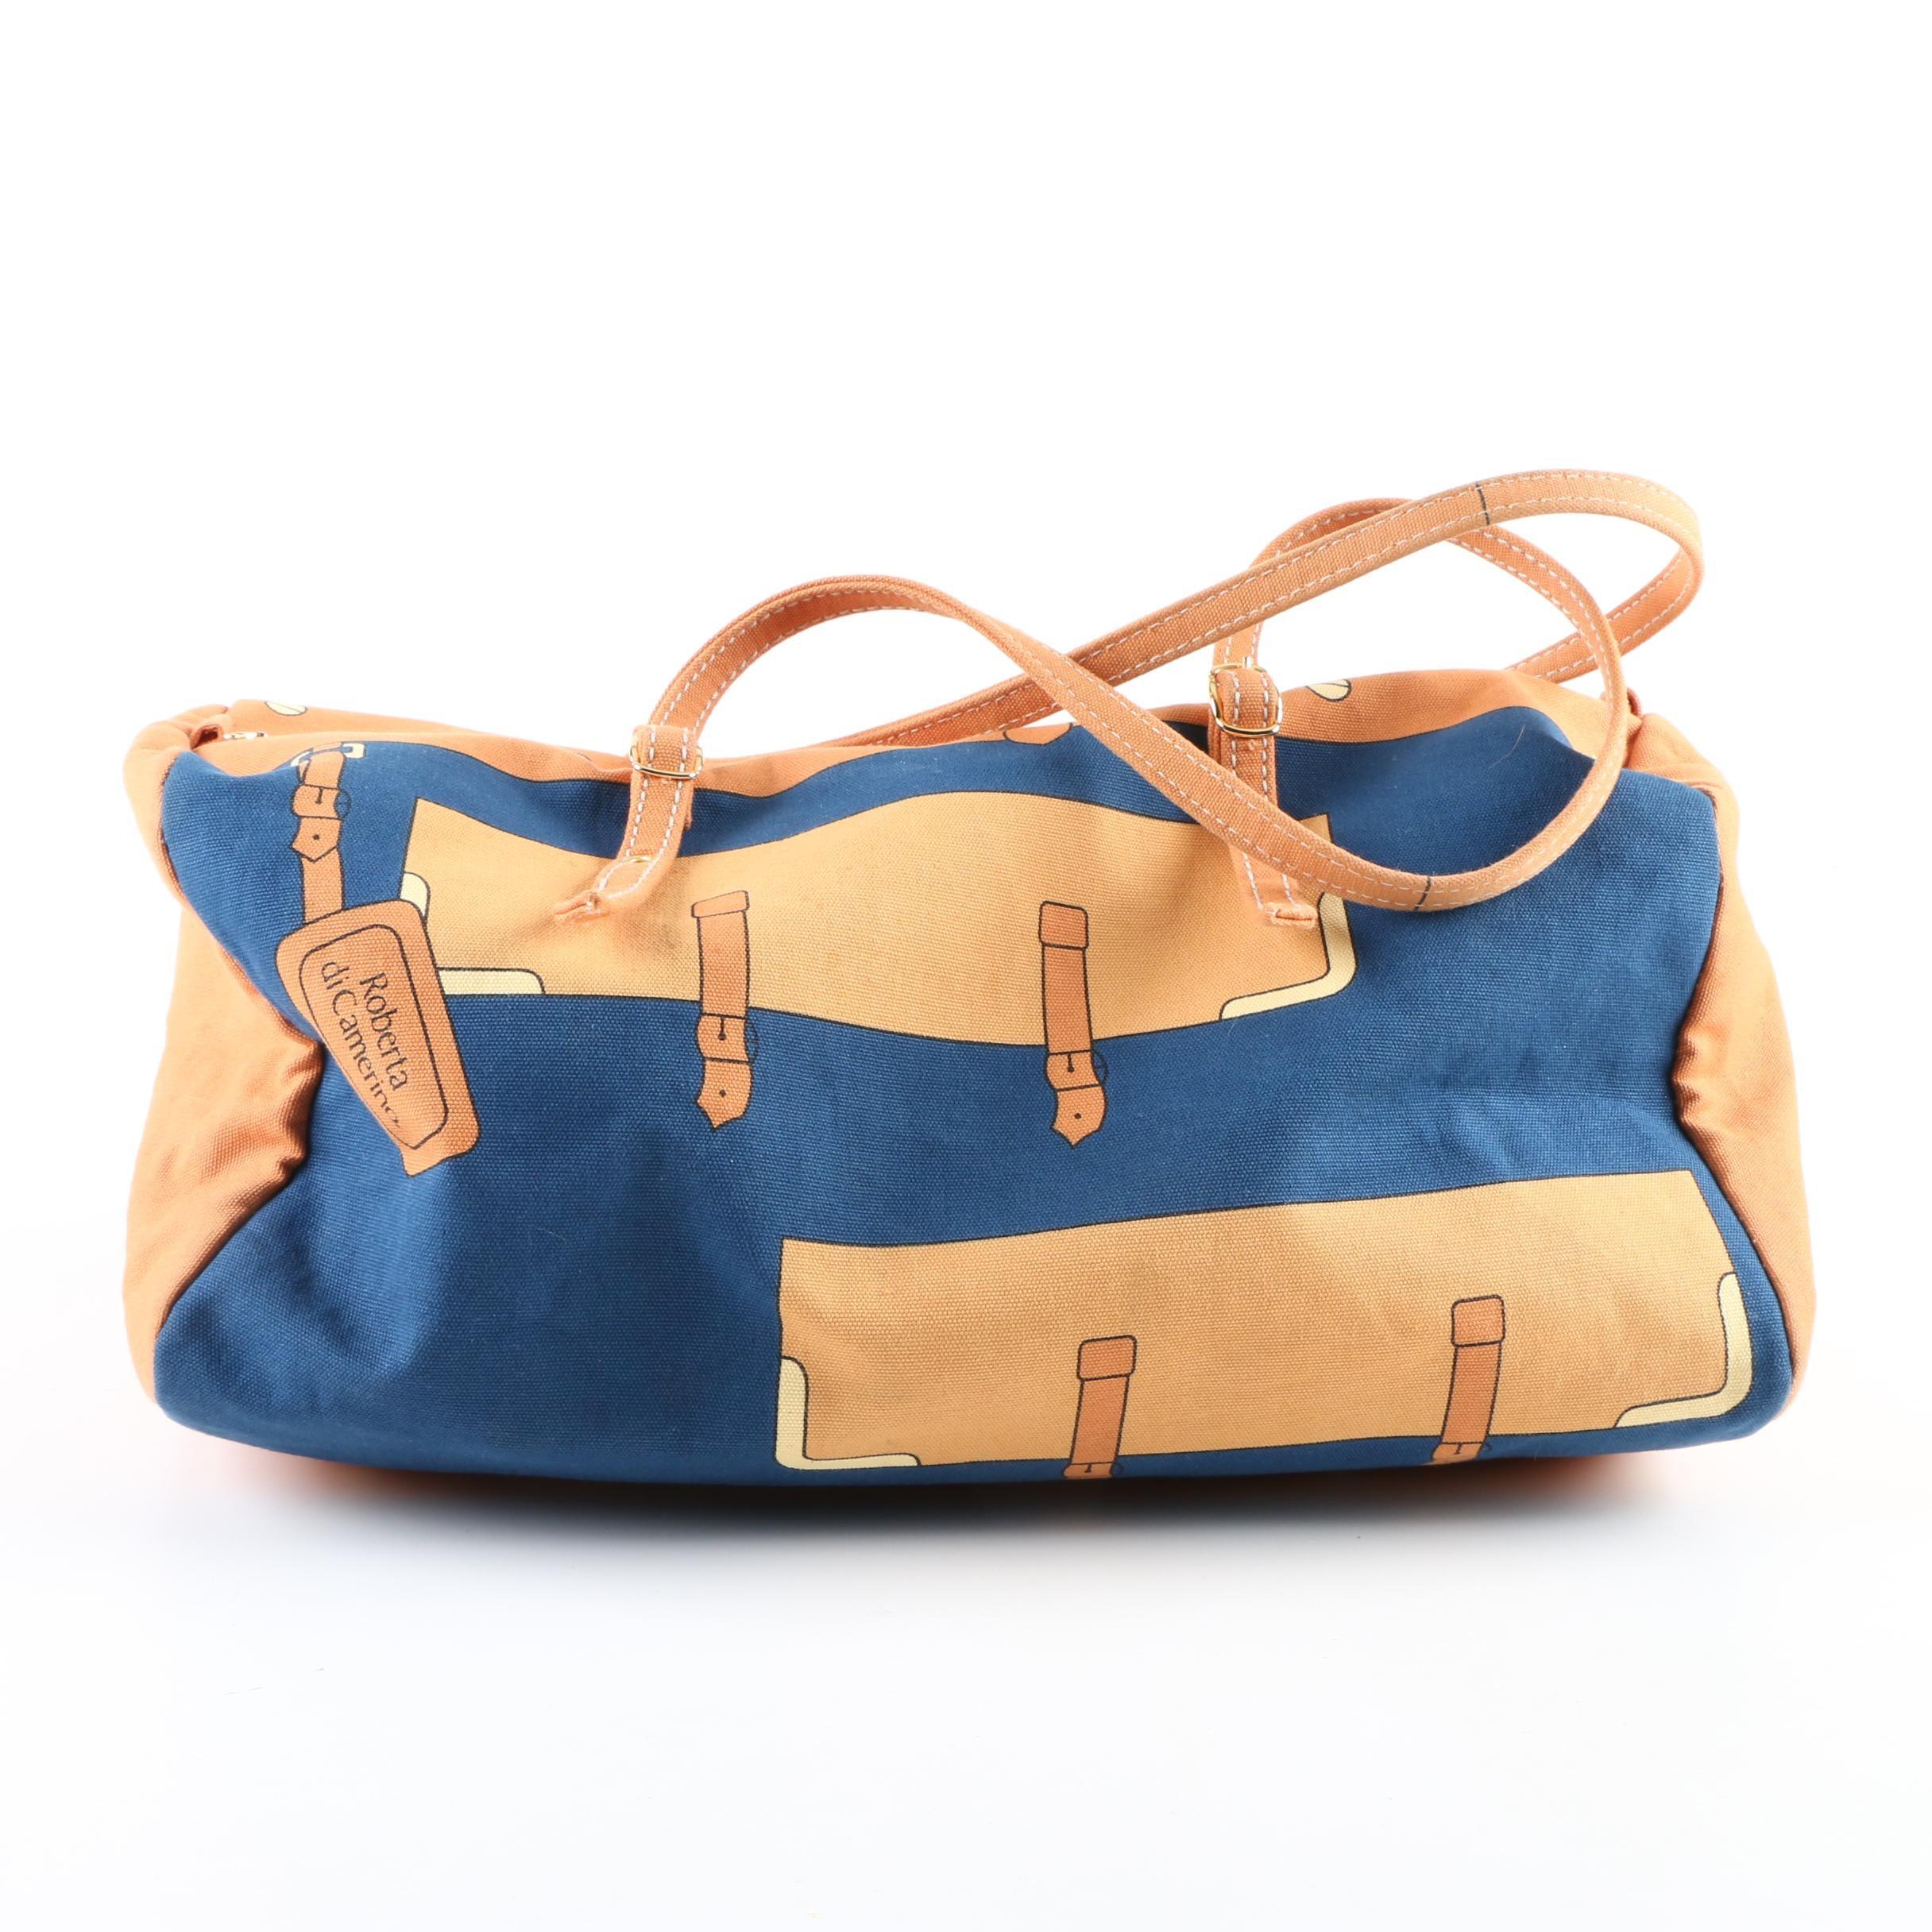 Circa 1970s Roberta di Camerino Small Canvas Duffel Bag